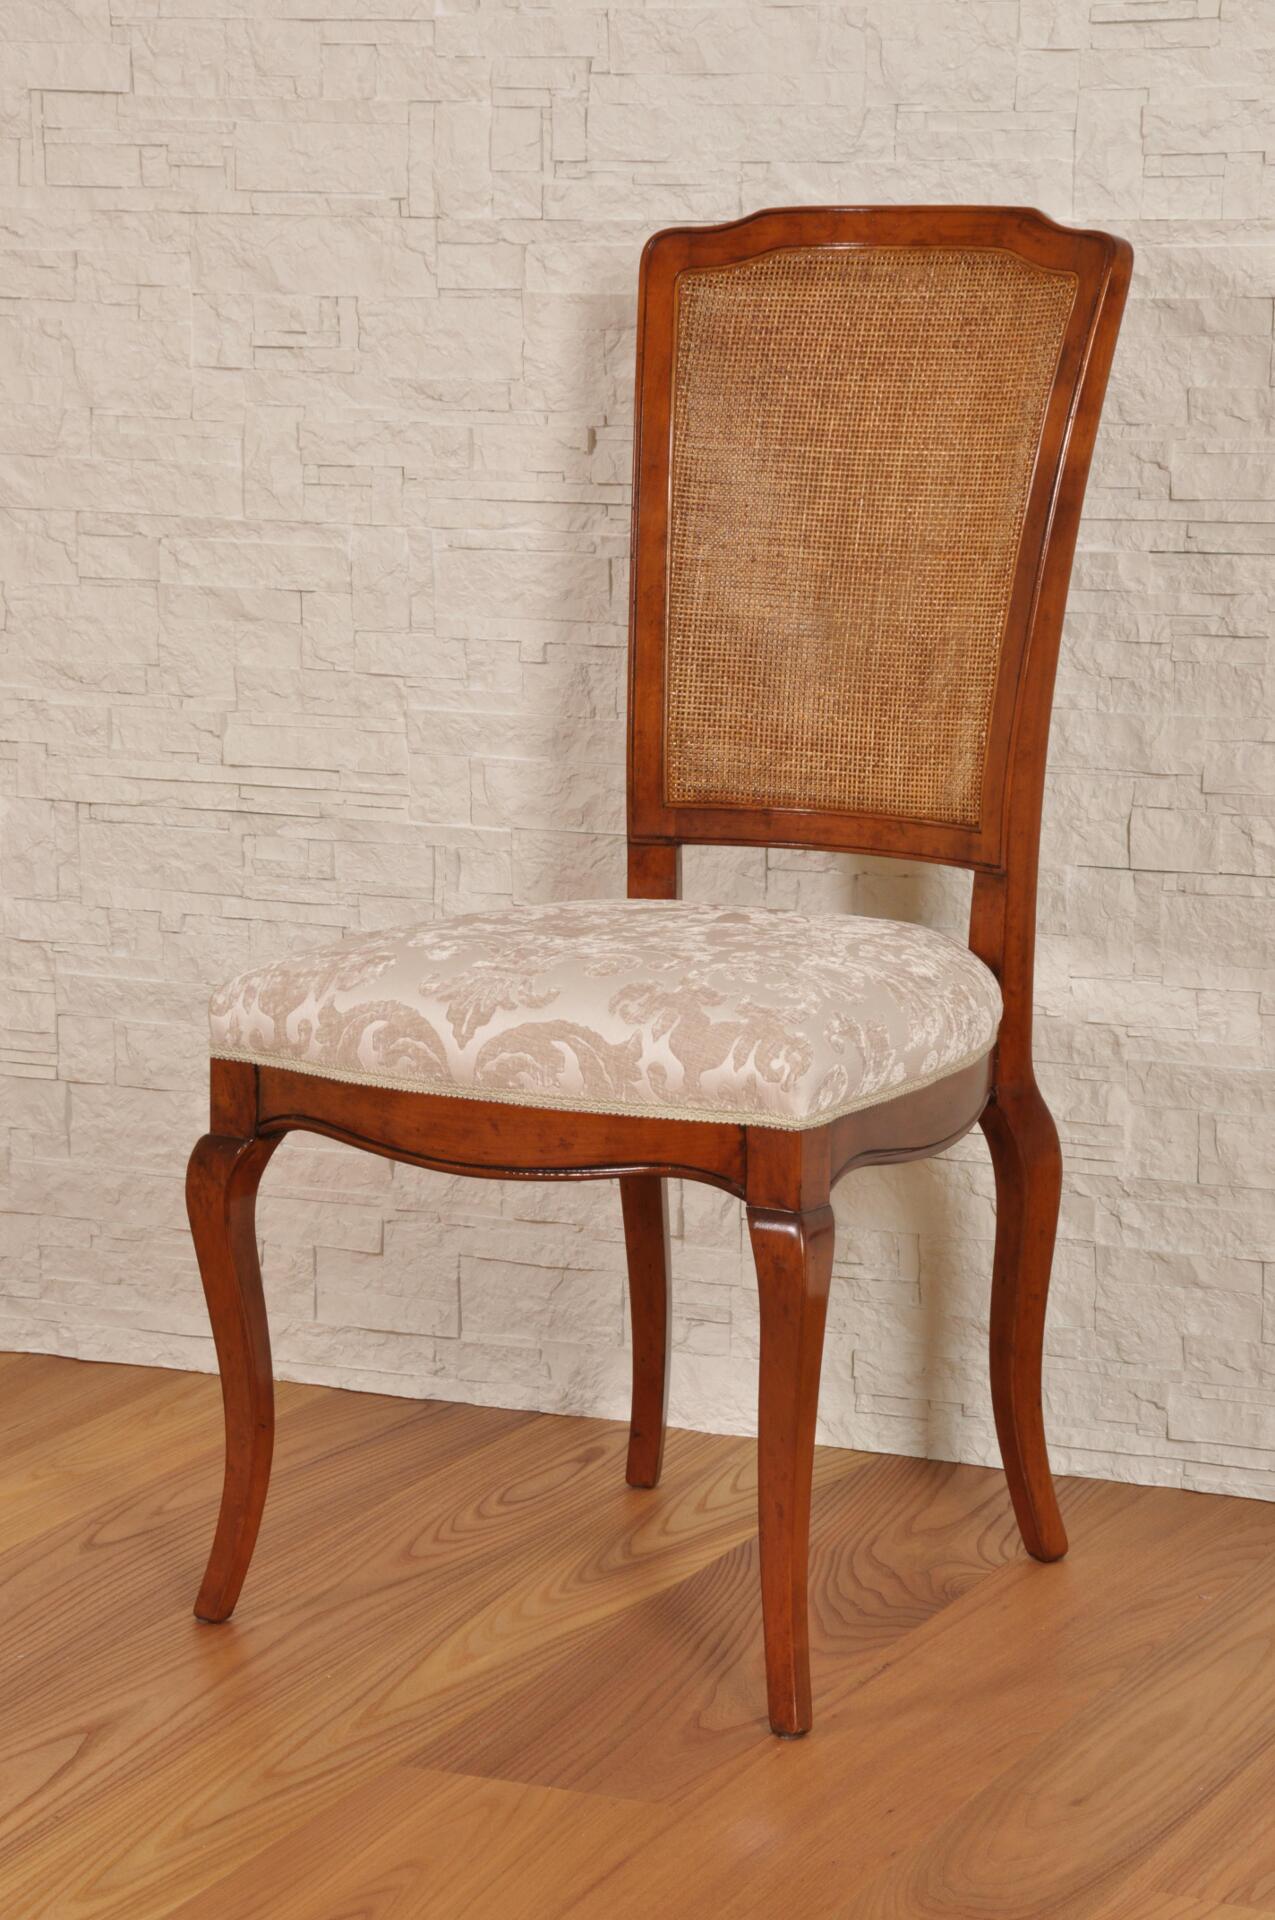 Sedia in legno pregiato di ciliegio in stile Provenzale | Mobili ...